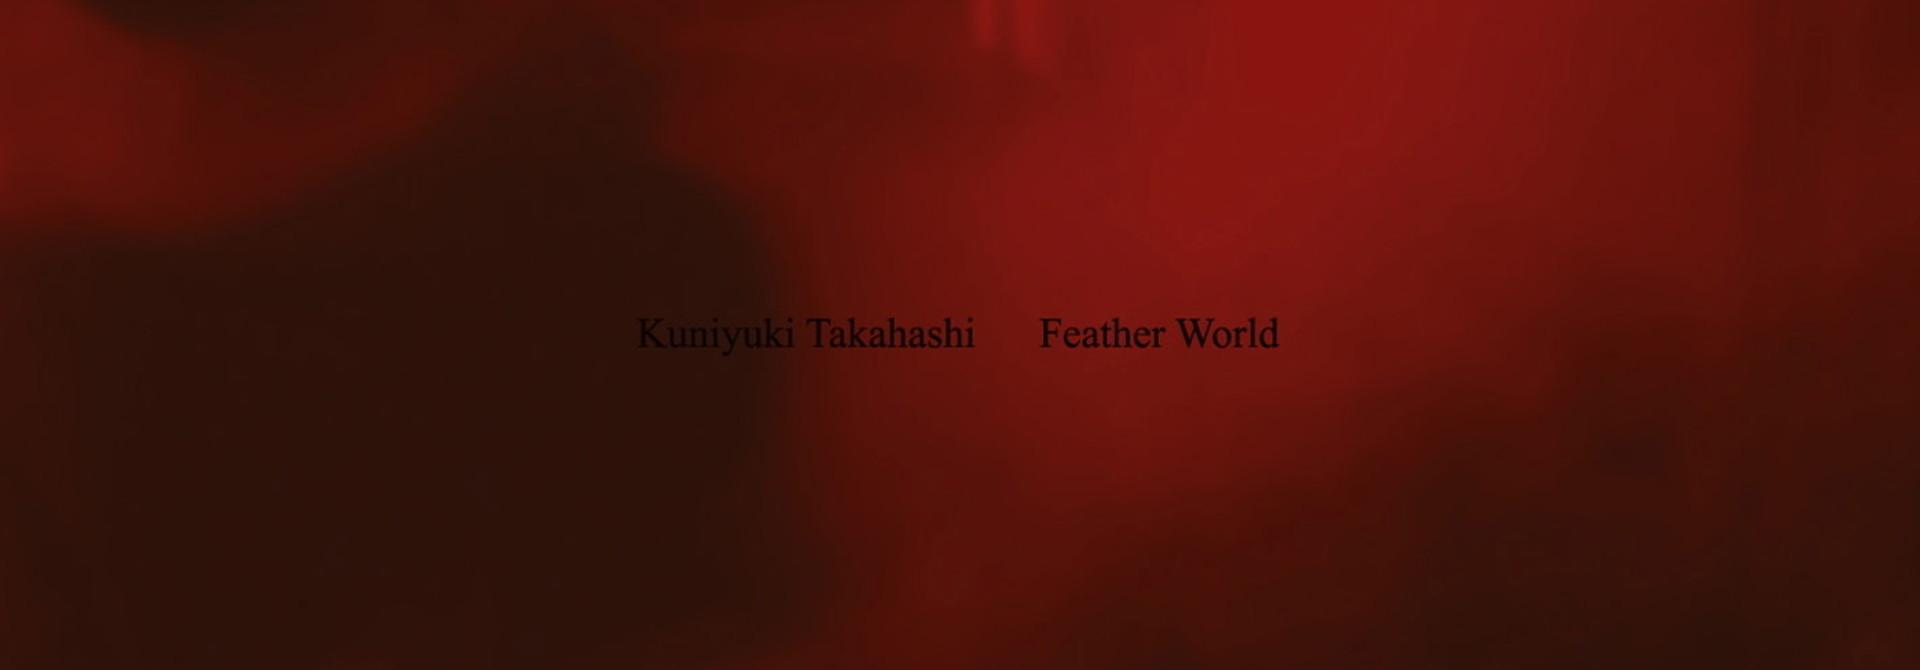 Kuniyuki Takahashi • Feather World (2LP)